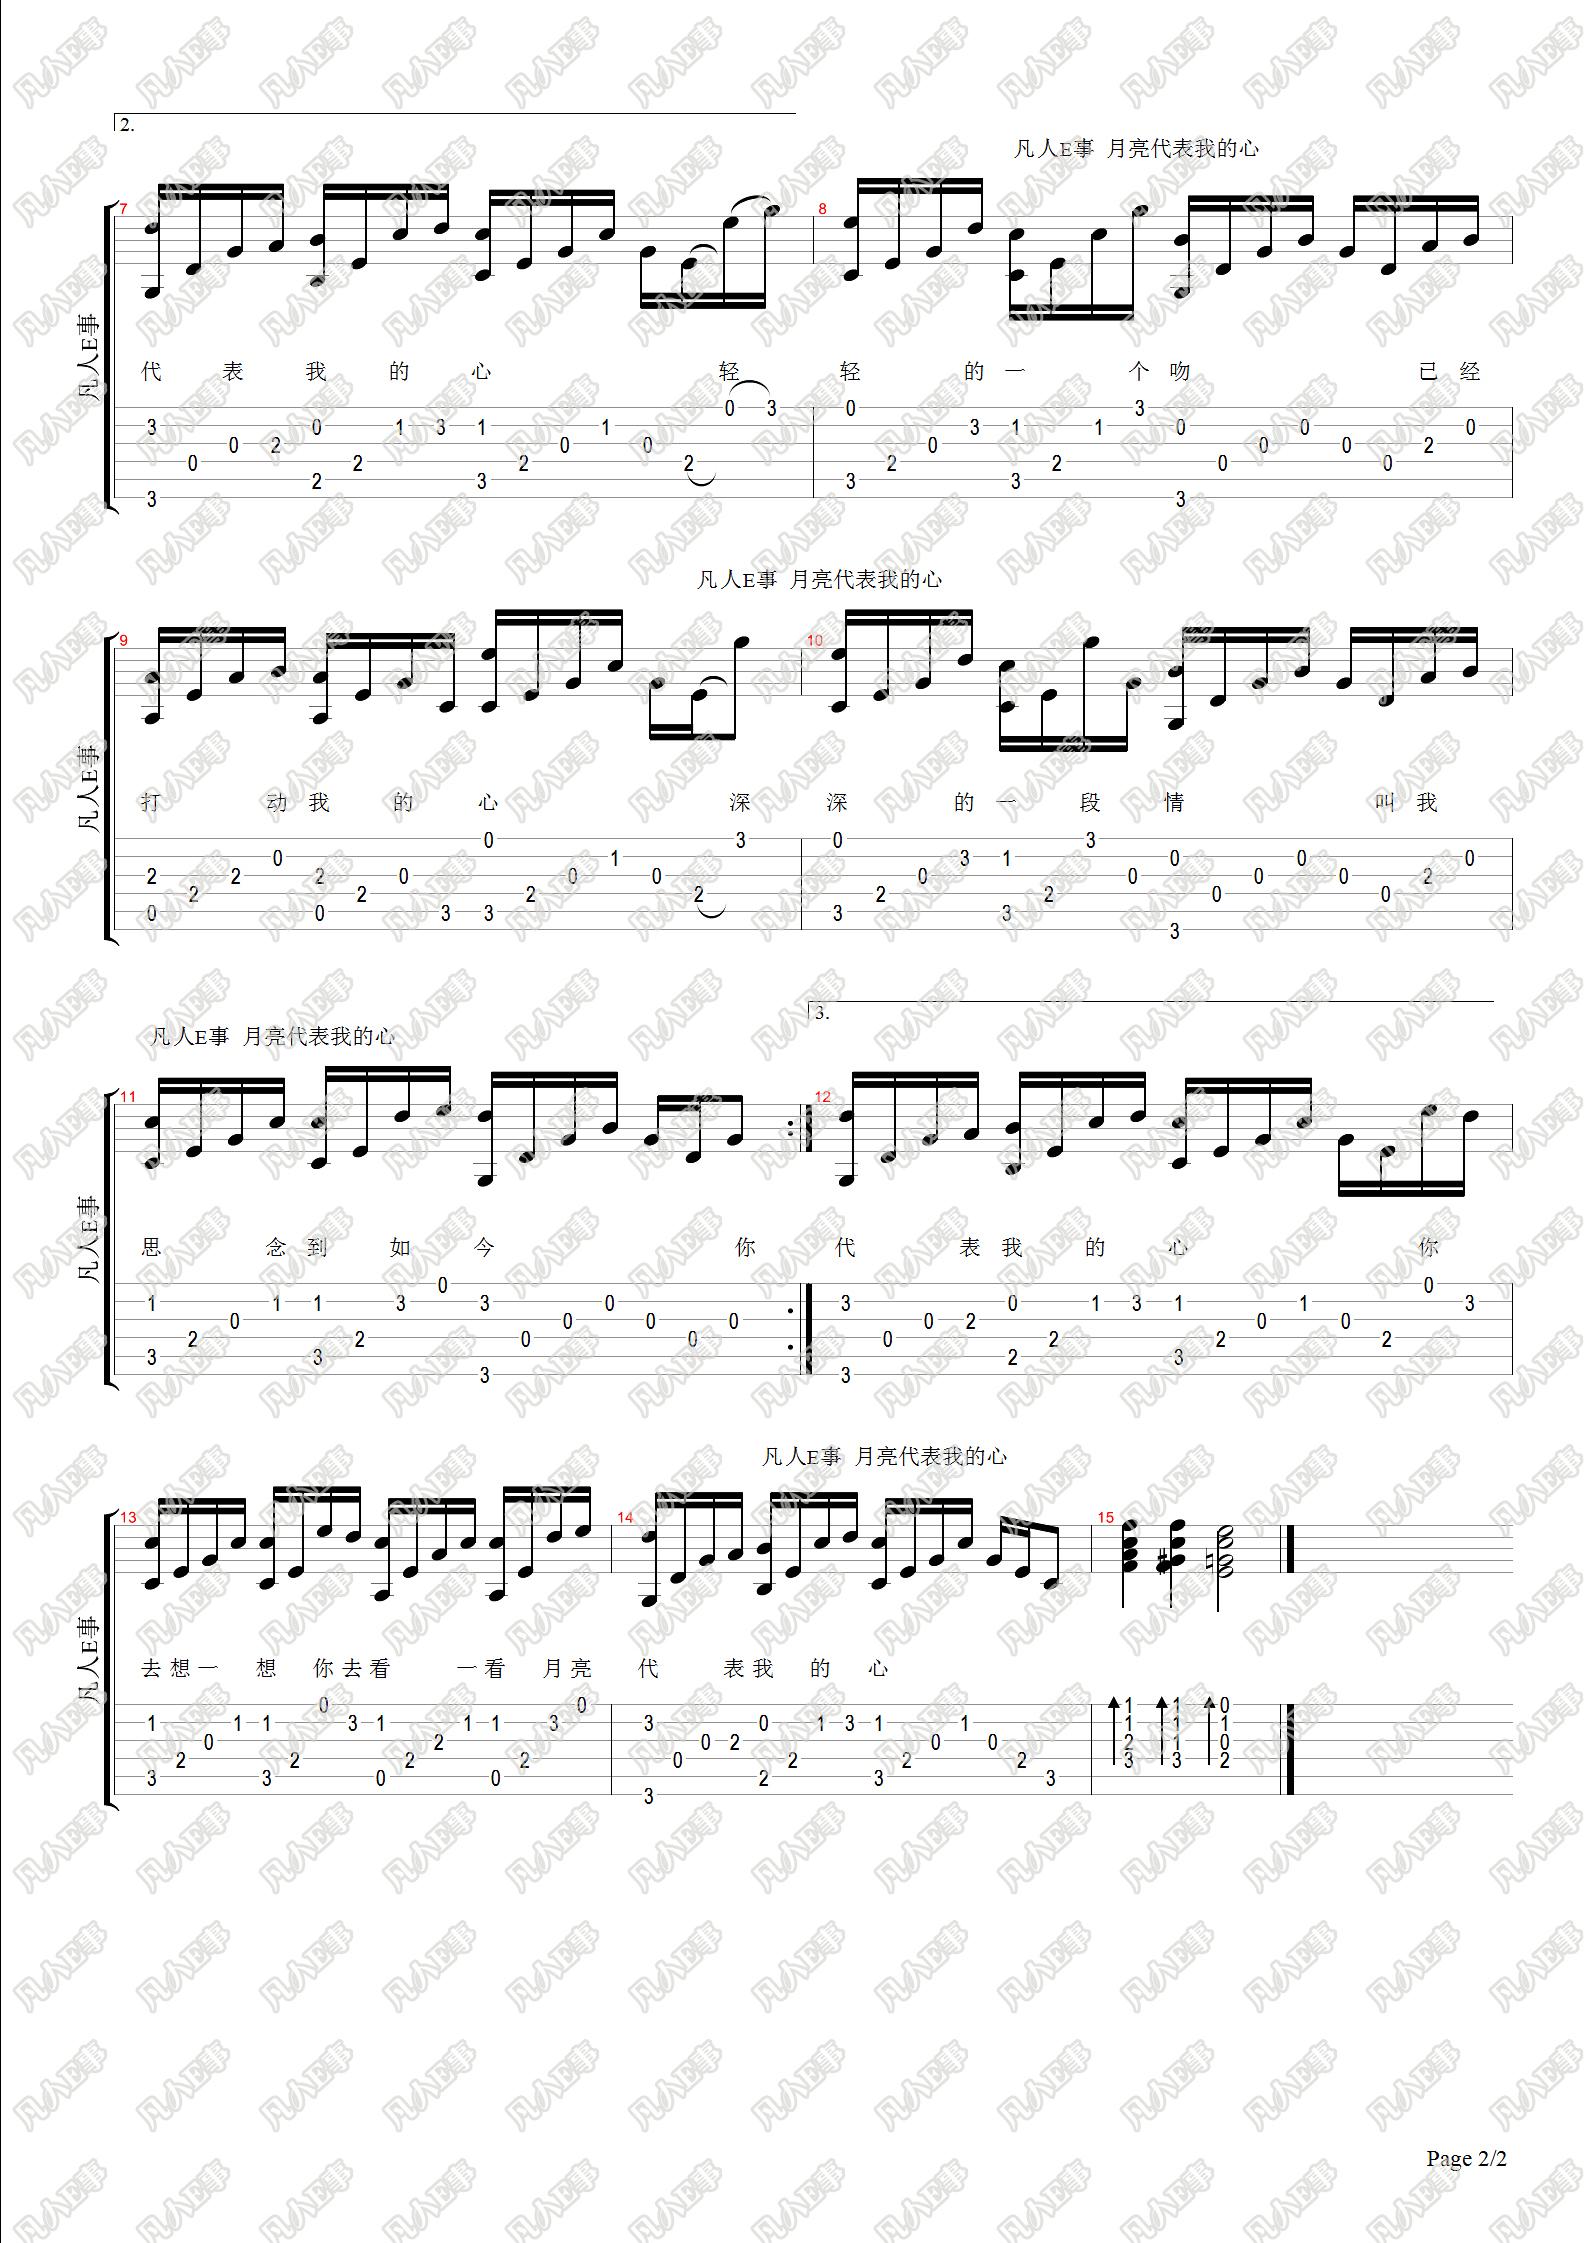 责 :   一、吉他演奏电脑示范音乐欣赏或学习   二、吉他六线谱高清分享(有些曲中有六线谱或简谱或五线谱或歌词同步,但不是所有都有